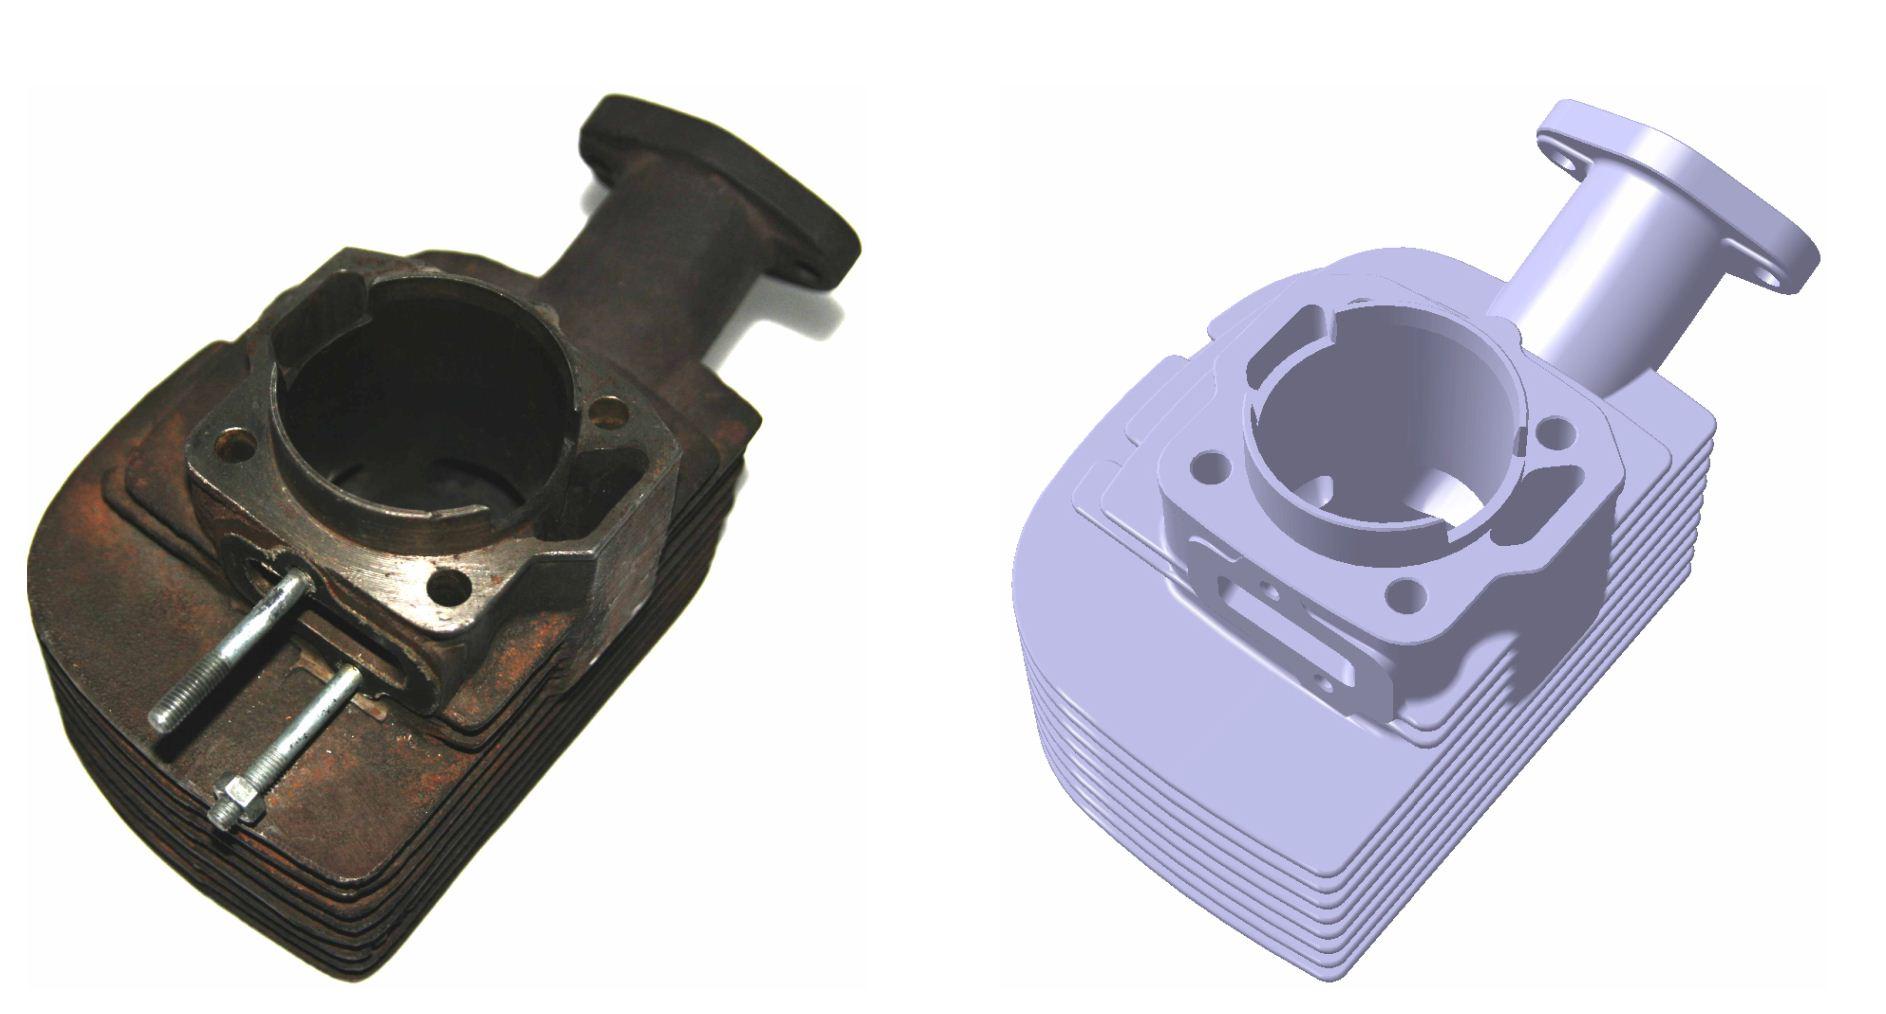 Widok przedstawiający miejsce montażu cylindra z korpusem